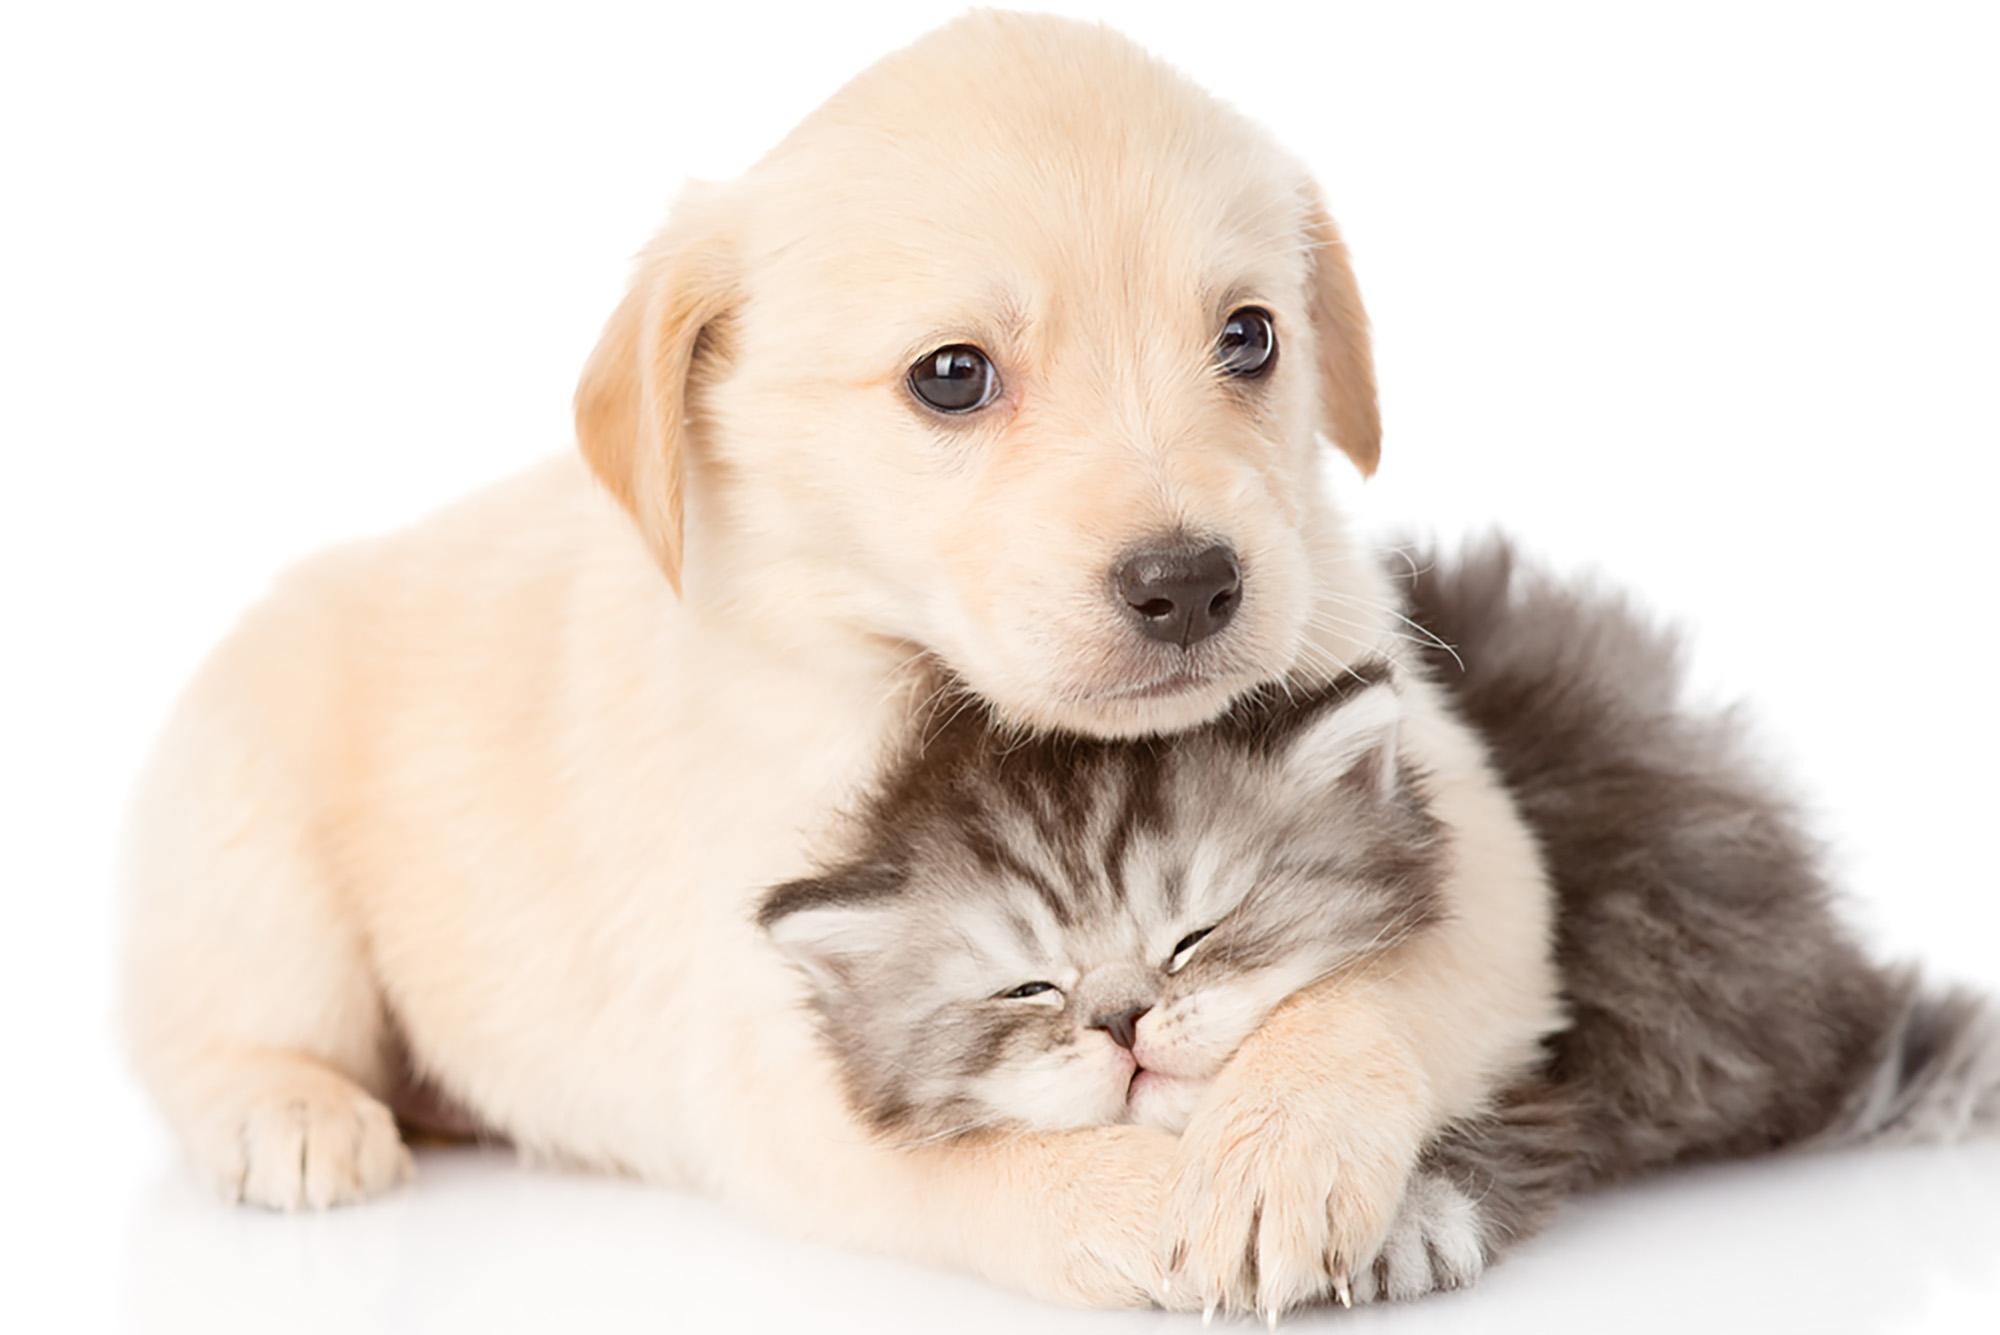 Evcil hayvan beslemenin faydaları ve zararları nelerdir?